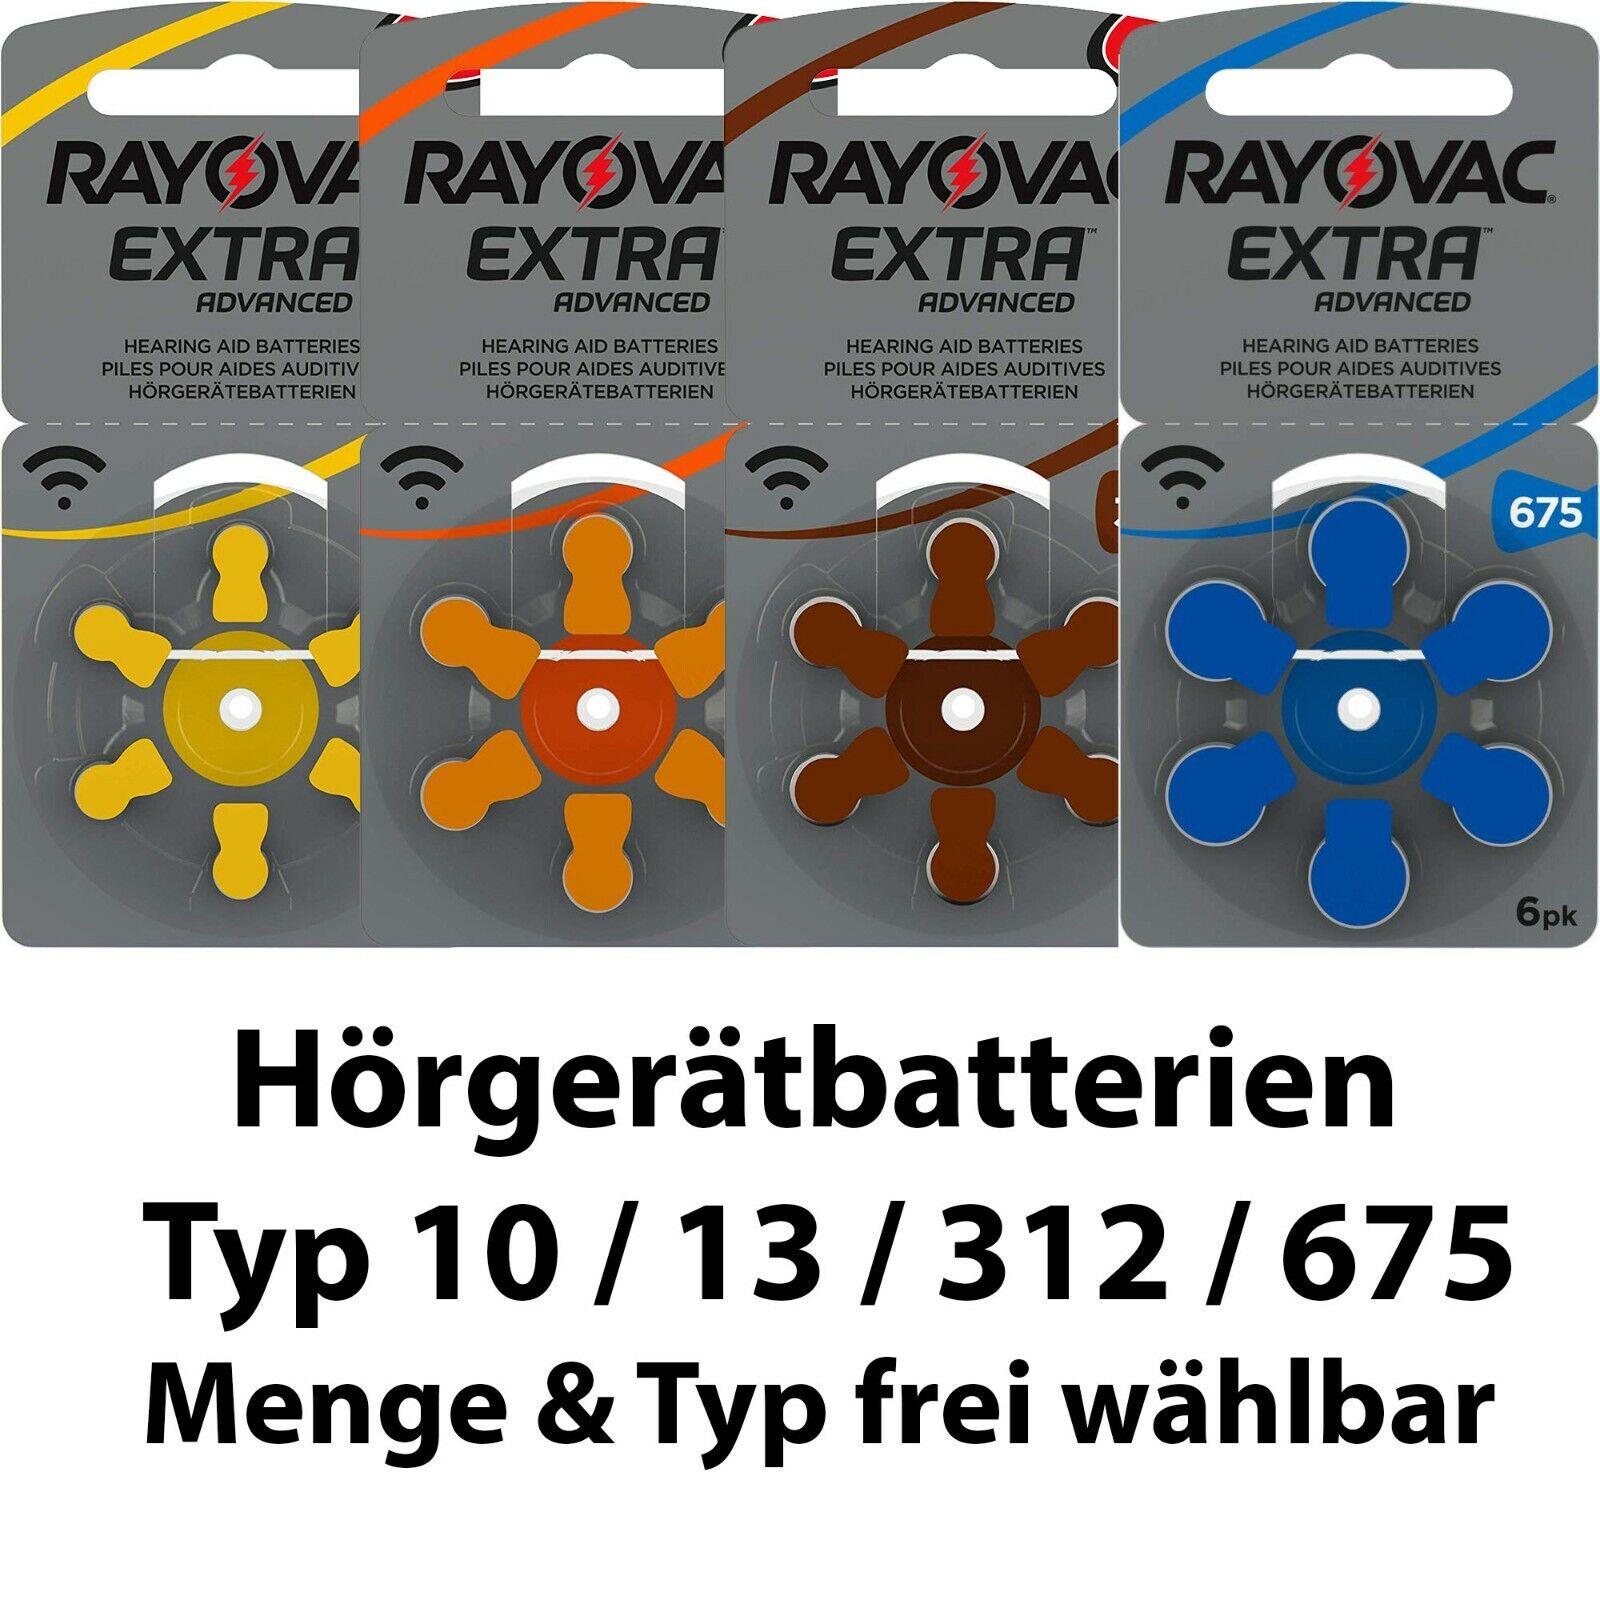 Rayovac Advanced Hörgerätbatterien - Typ 10 13 312 675 1,55 V - Menge wählbar